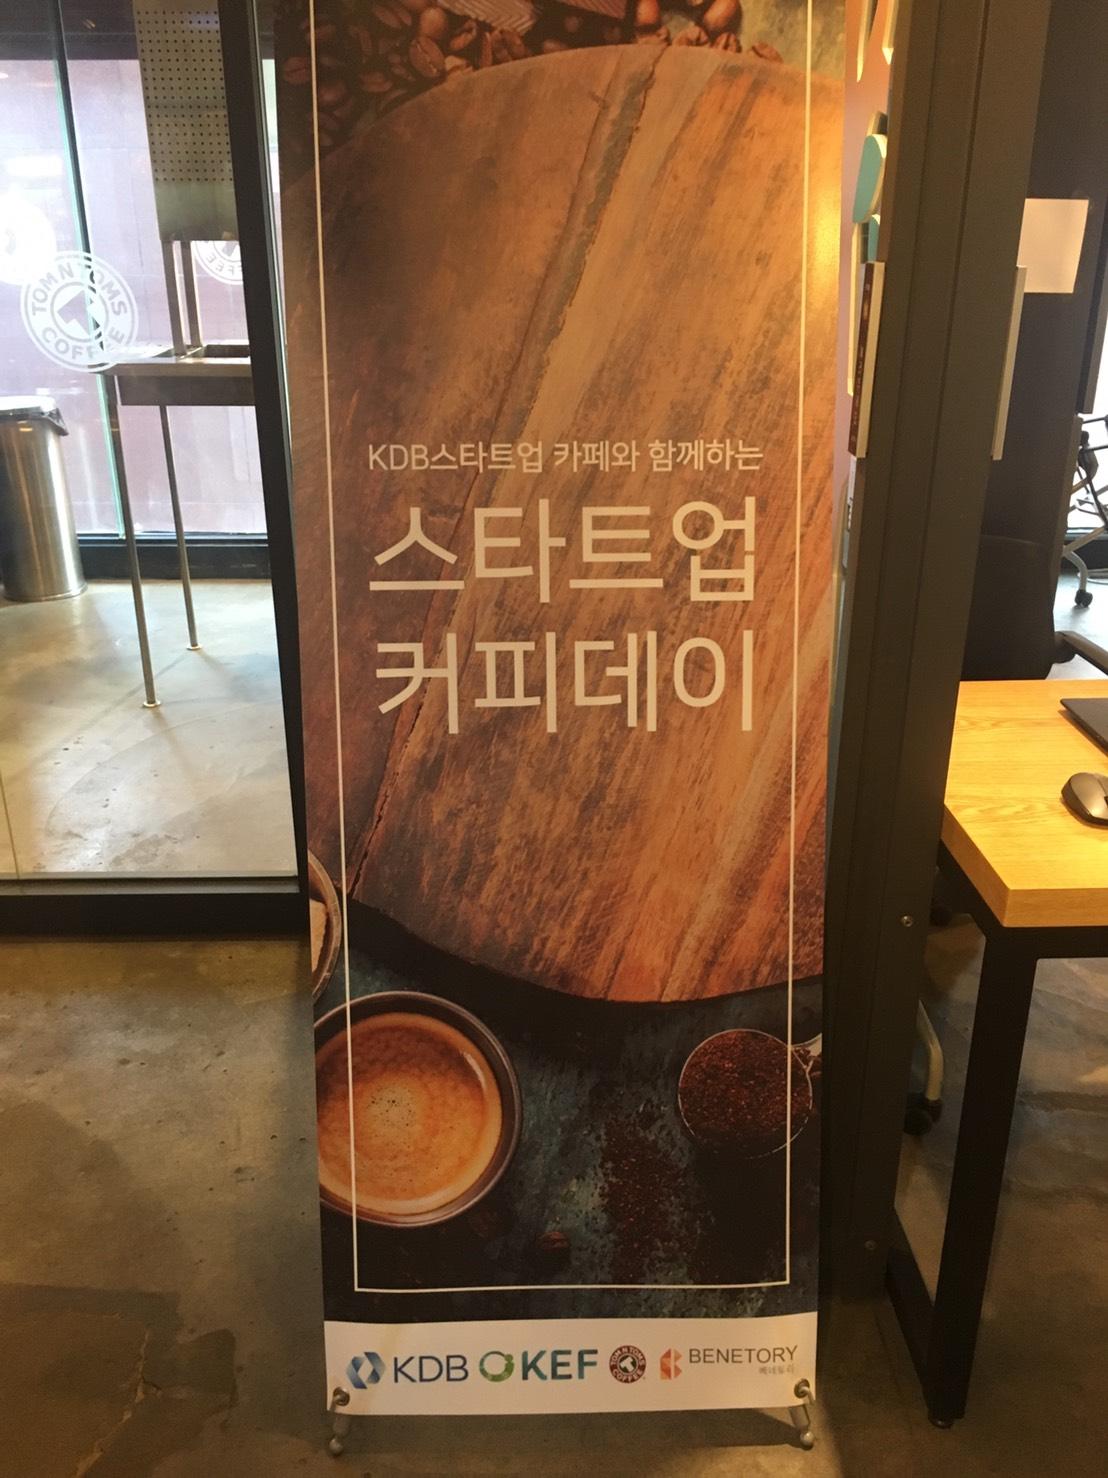 스타트업 커피데이는 KDB산업은행, (재)한국청년기업가재단, 탐앤탐스에서 후원하여 진행된 행사이다